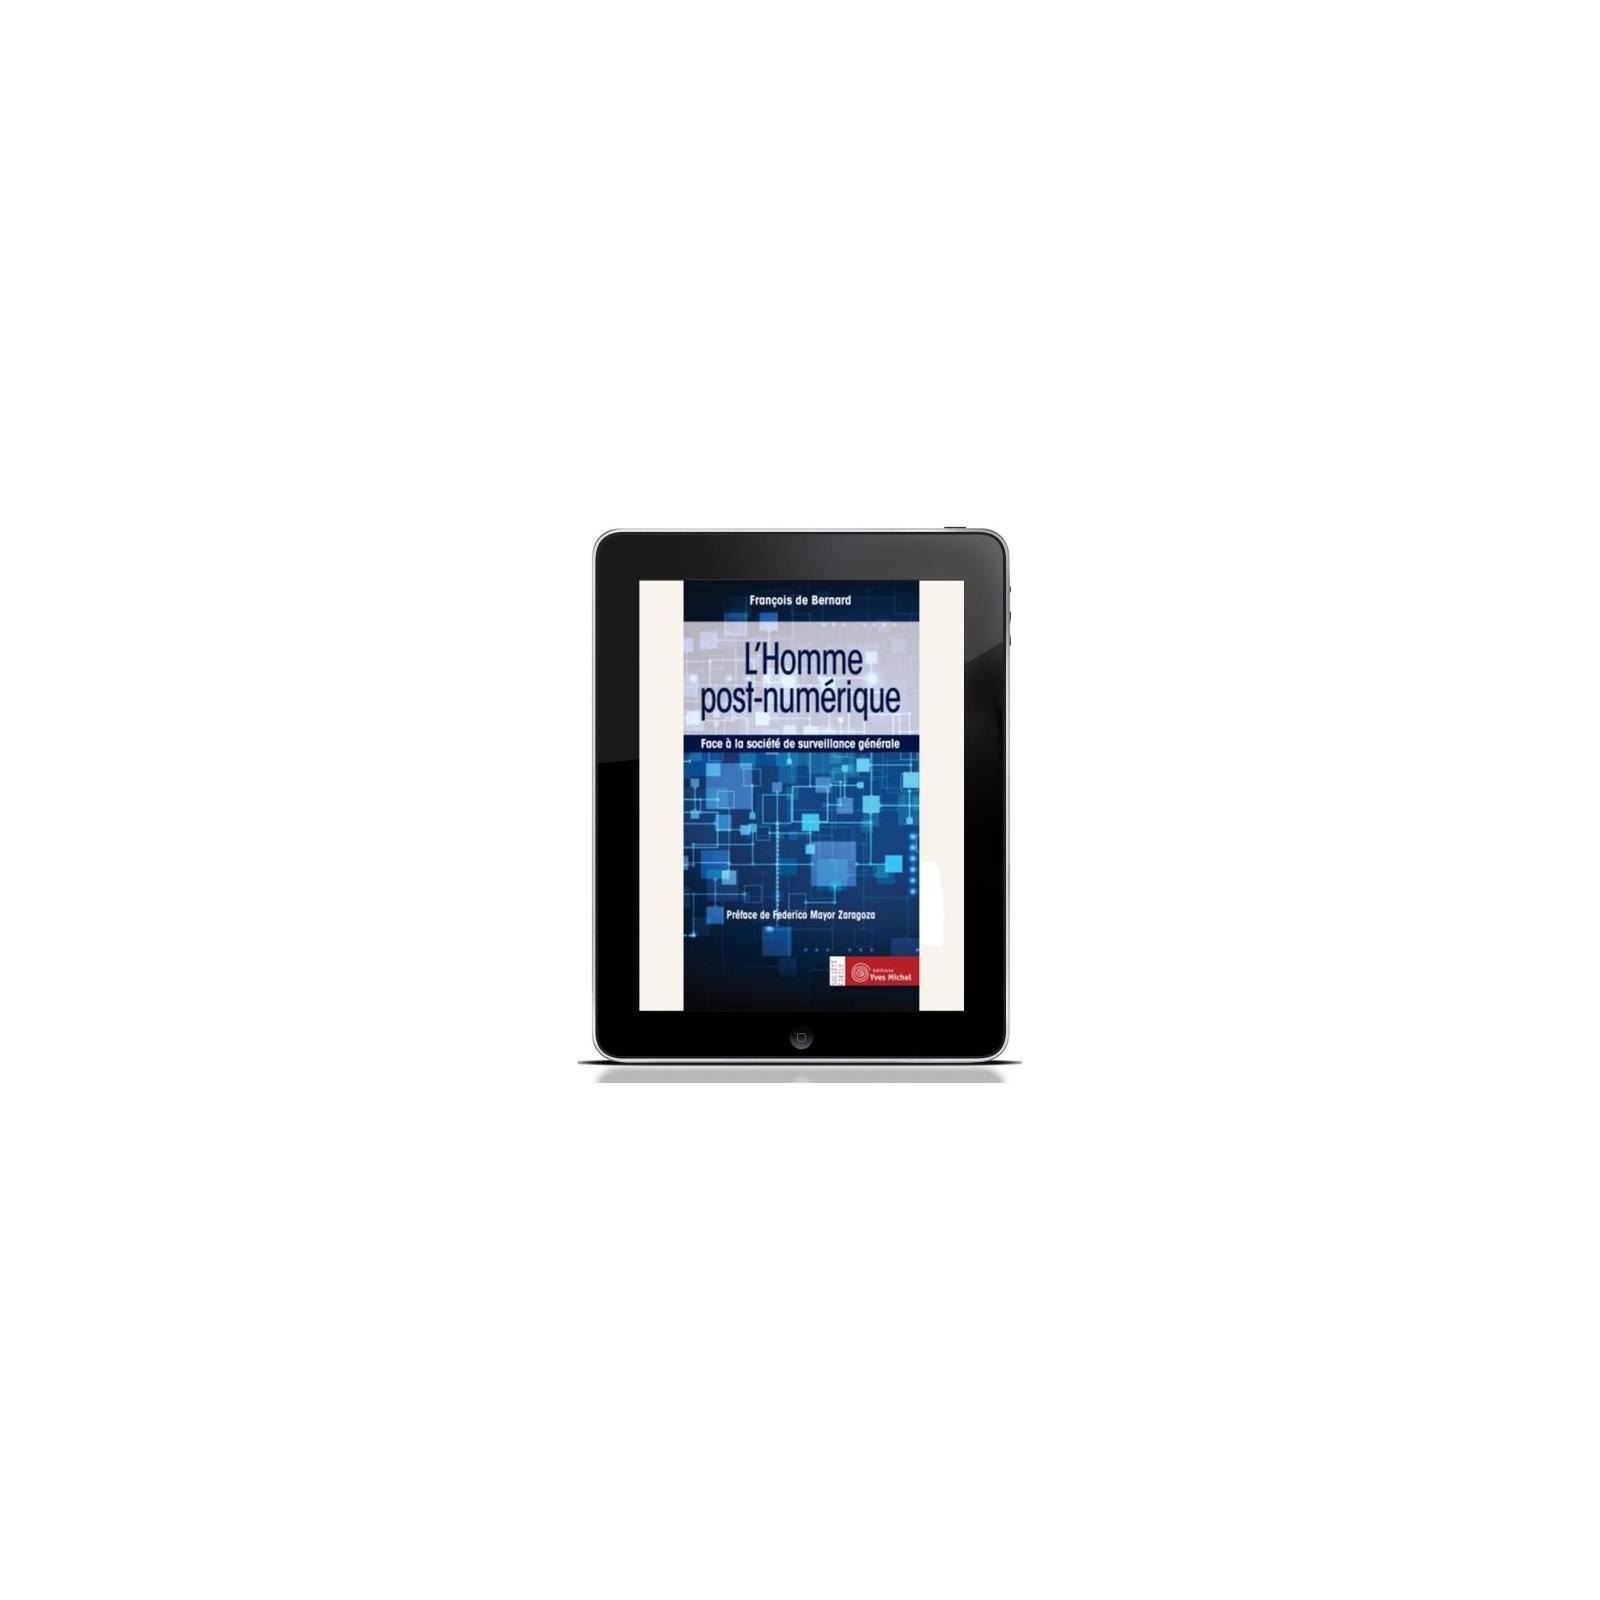 L'Homme post-numérique (Ebook)